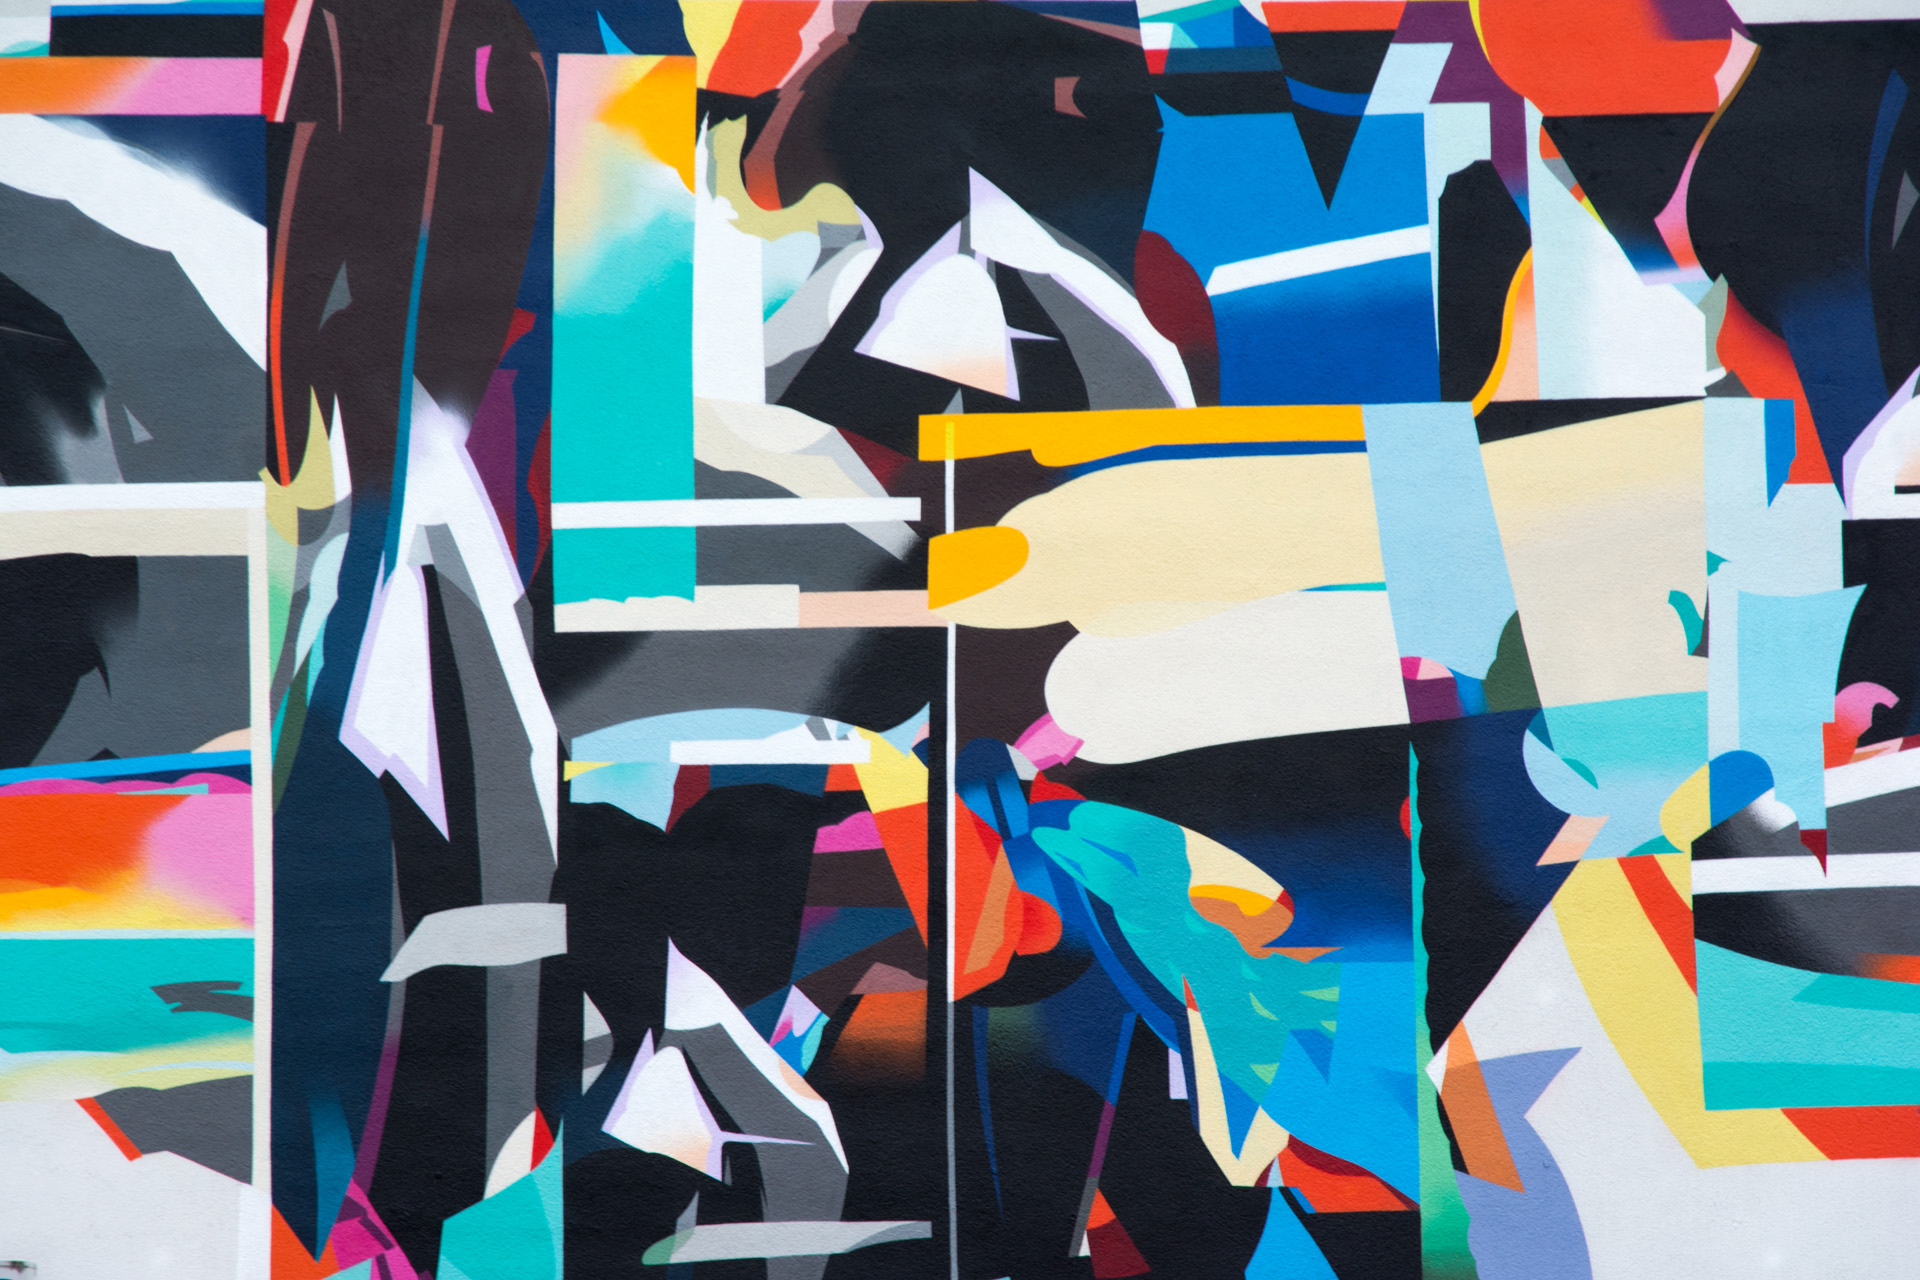 River Tales | Flussgeschichten | 2017 | street art festival